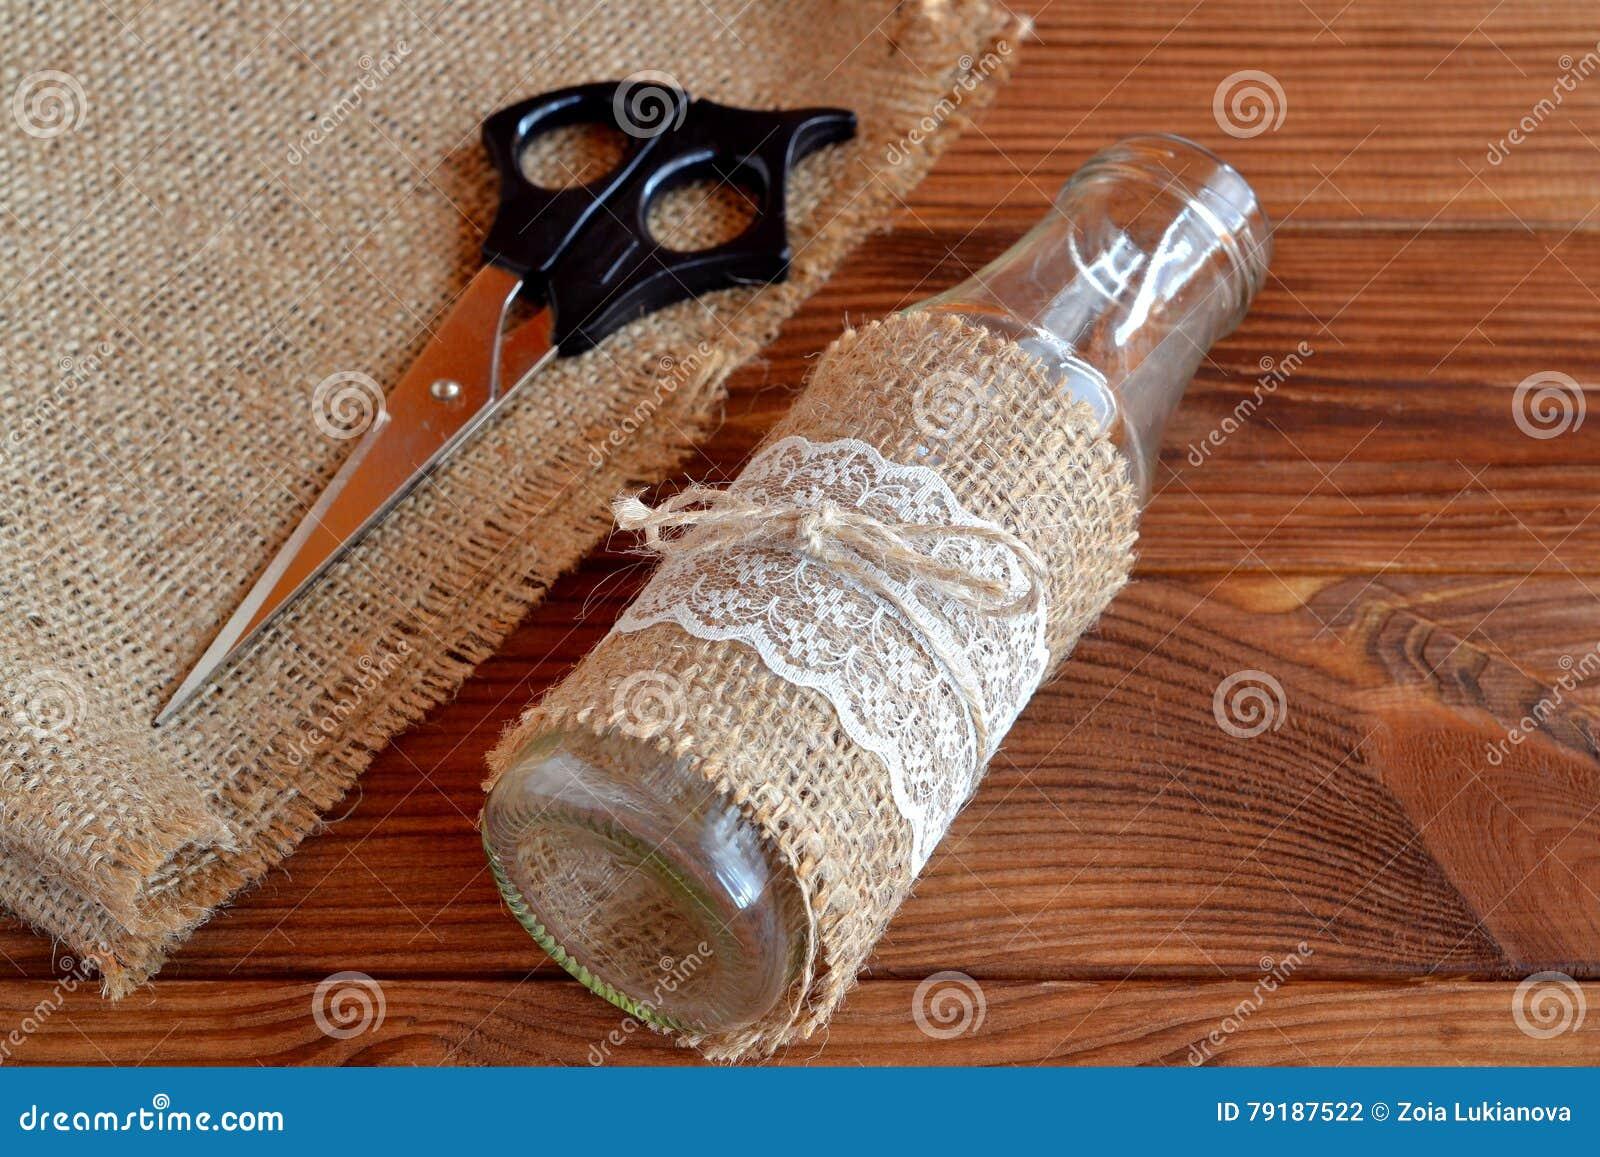 Homemade Diy Glass Bottle Scissors Burlap Handmade Vase On A